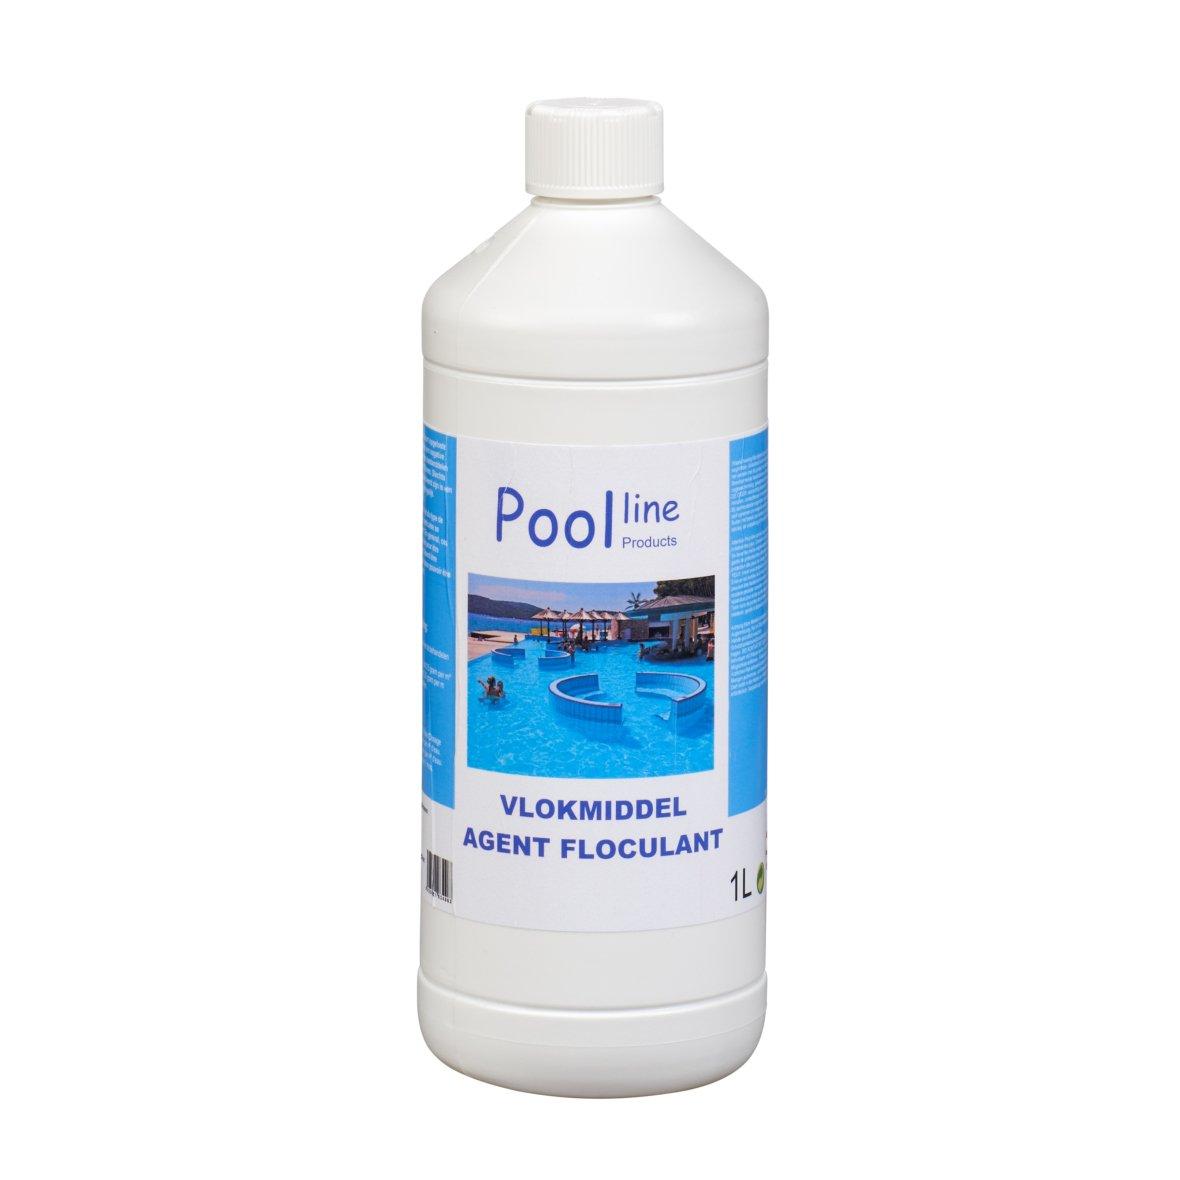 Poolline Flocculant 1 l